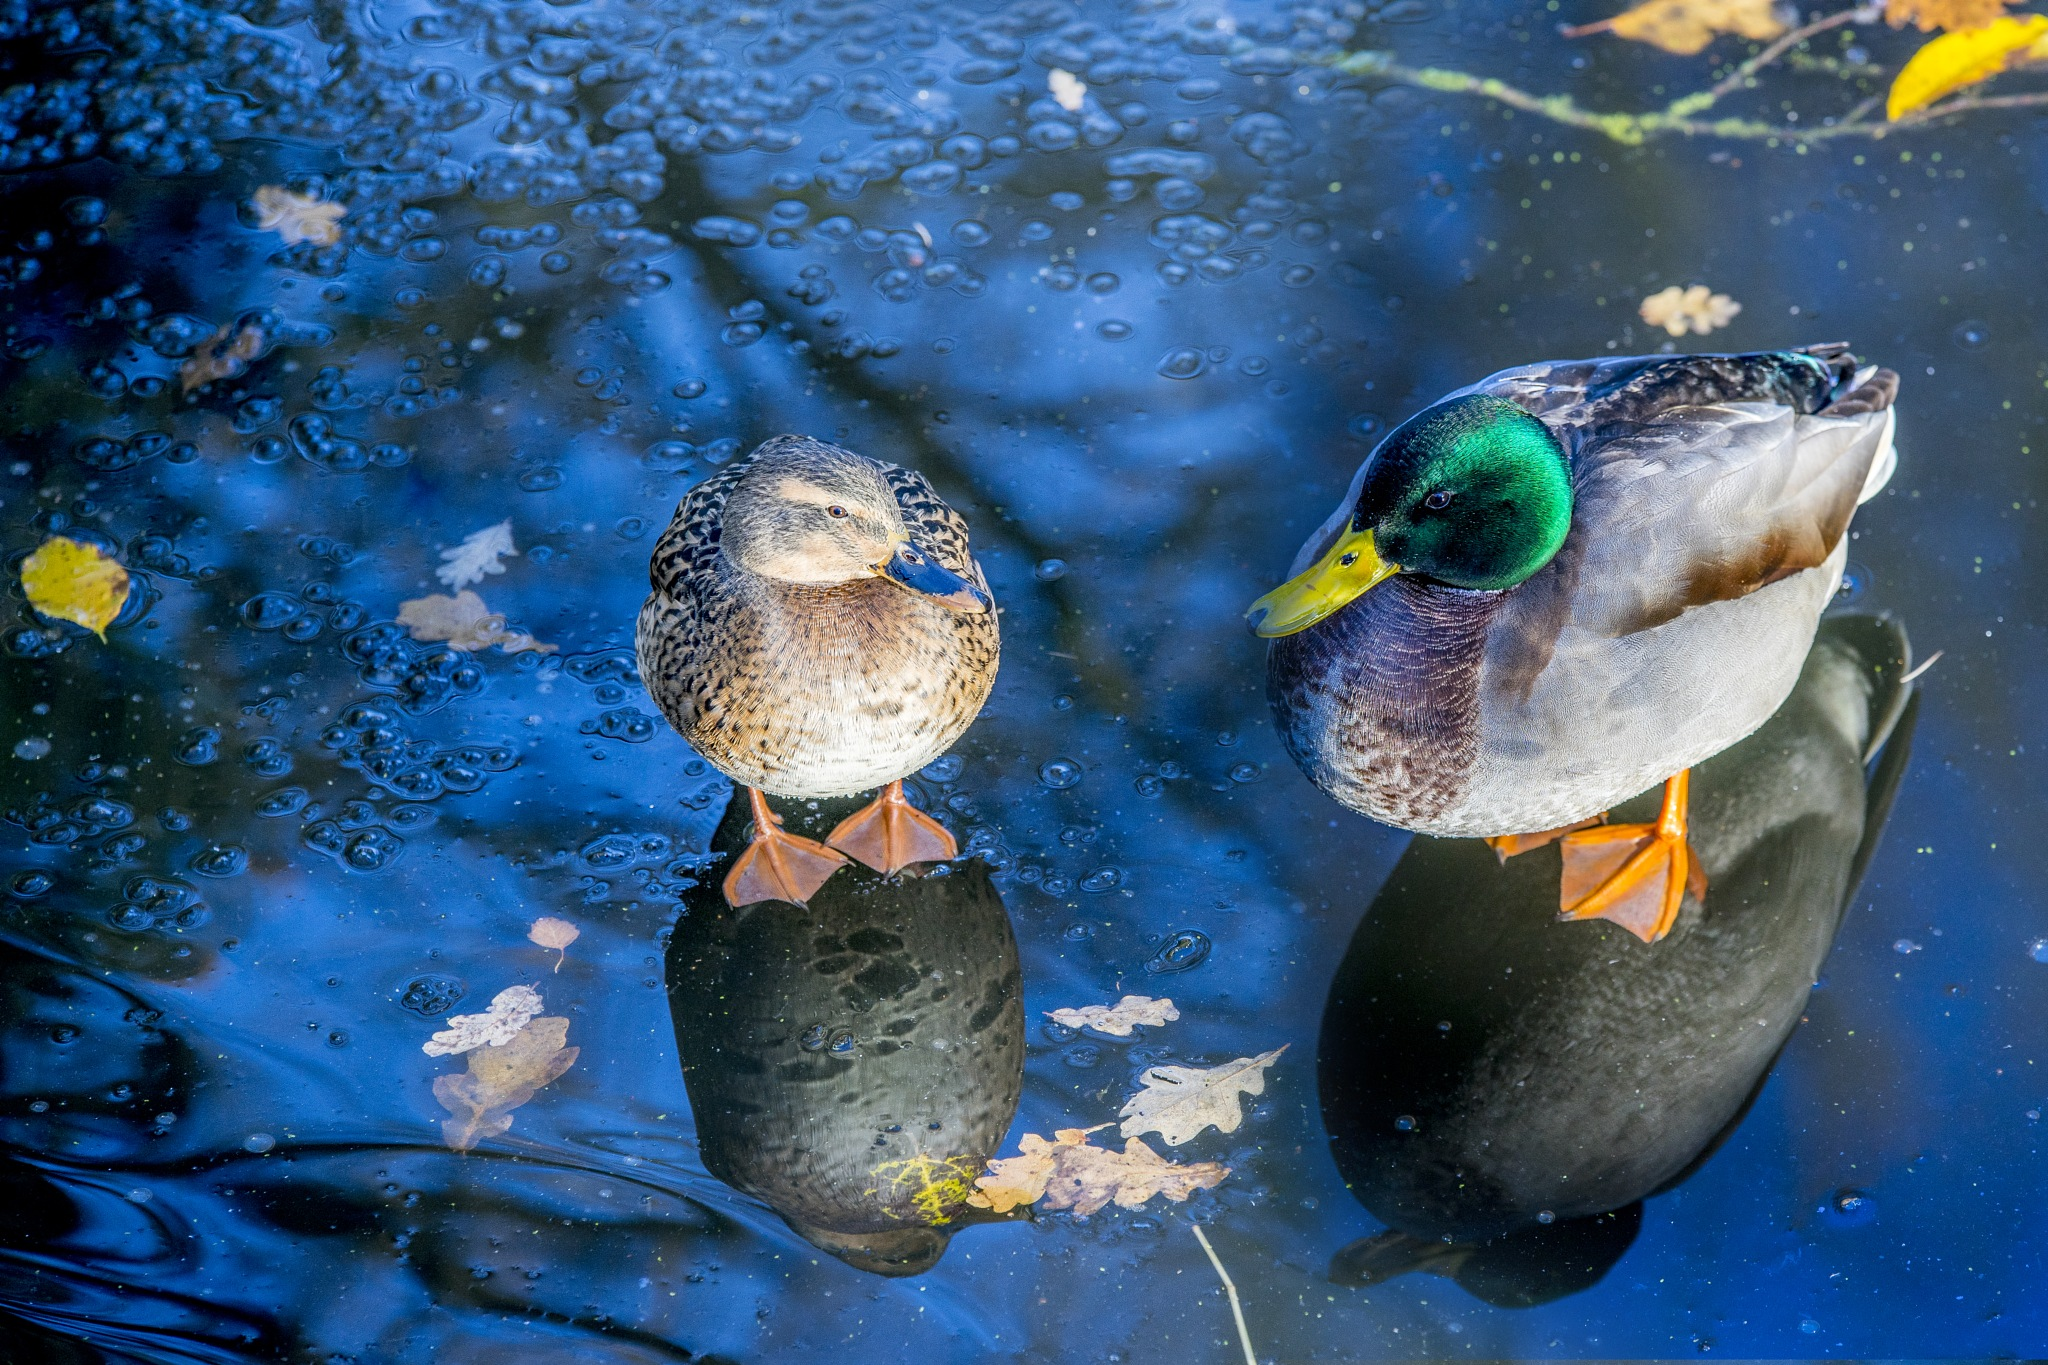 Ducks on Ice by Joop Nijhof